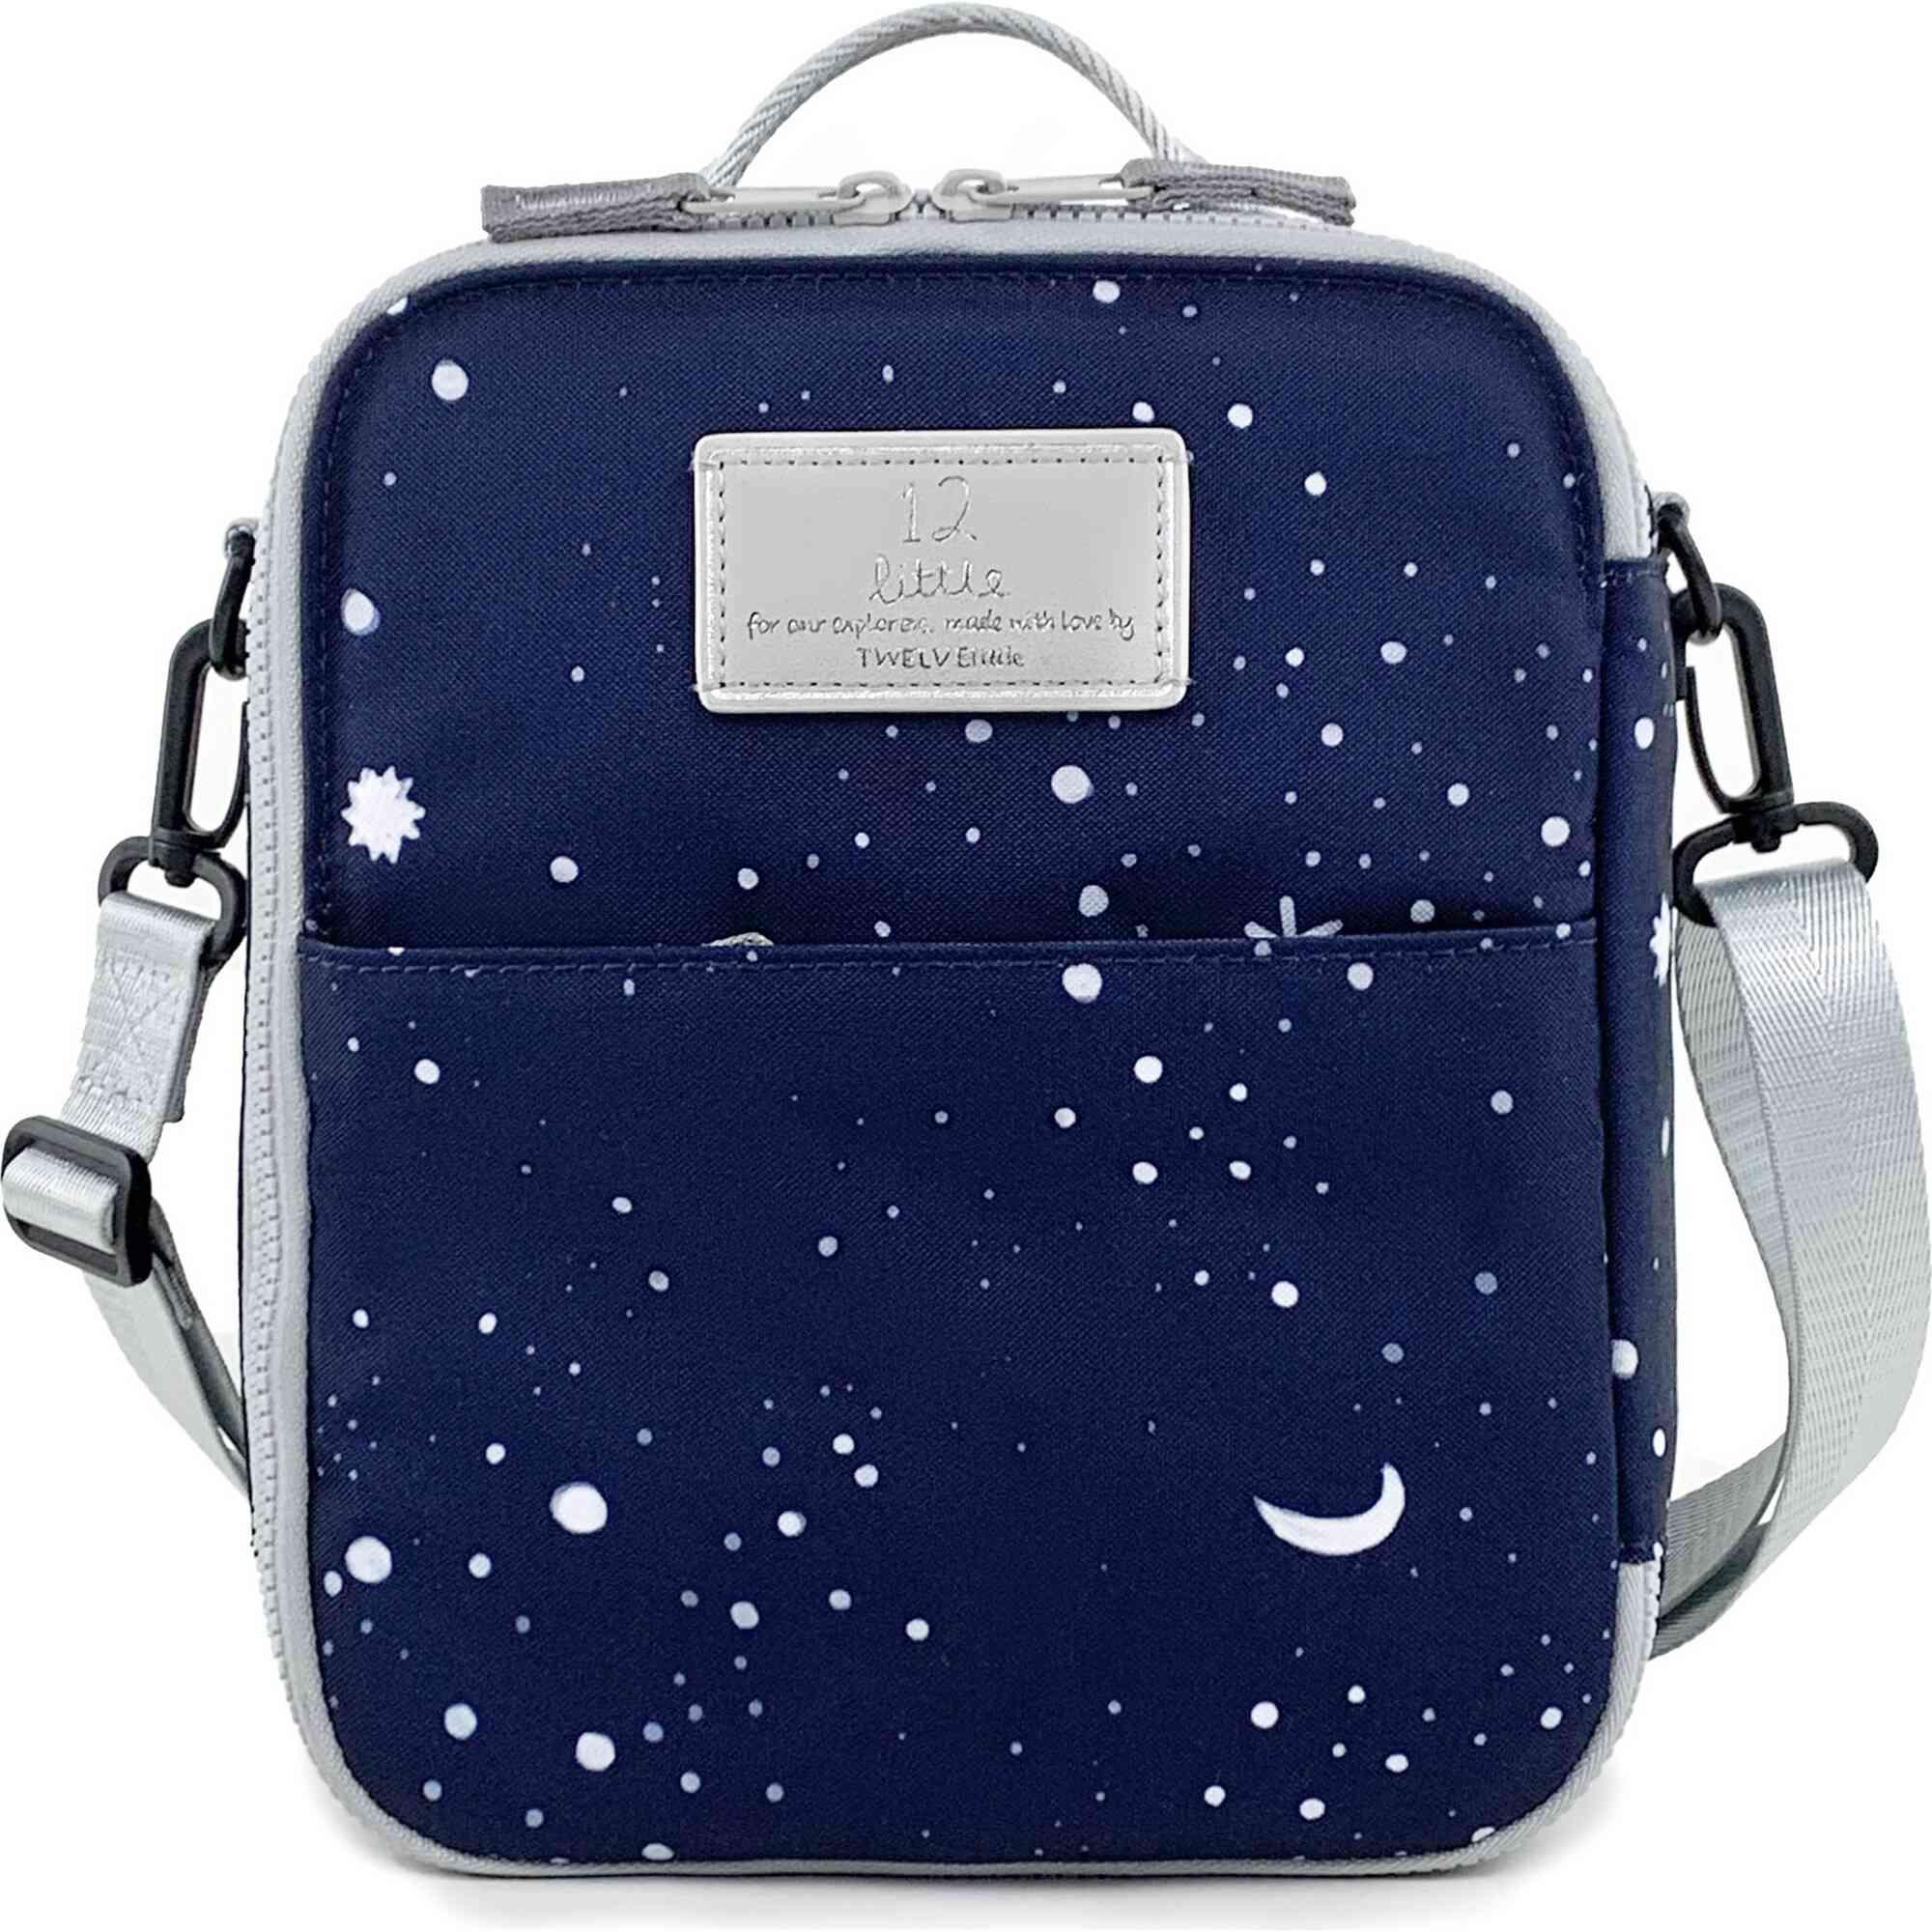 TWELVElittle Adventure Lunch Bag